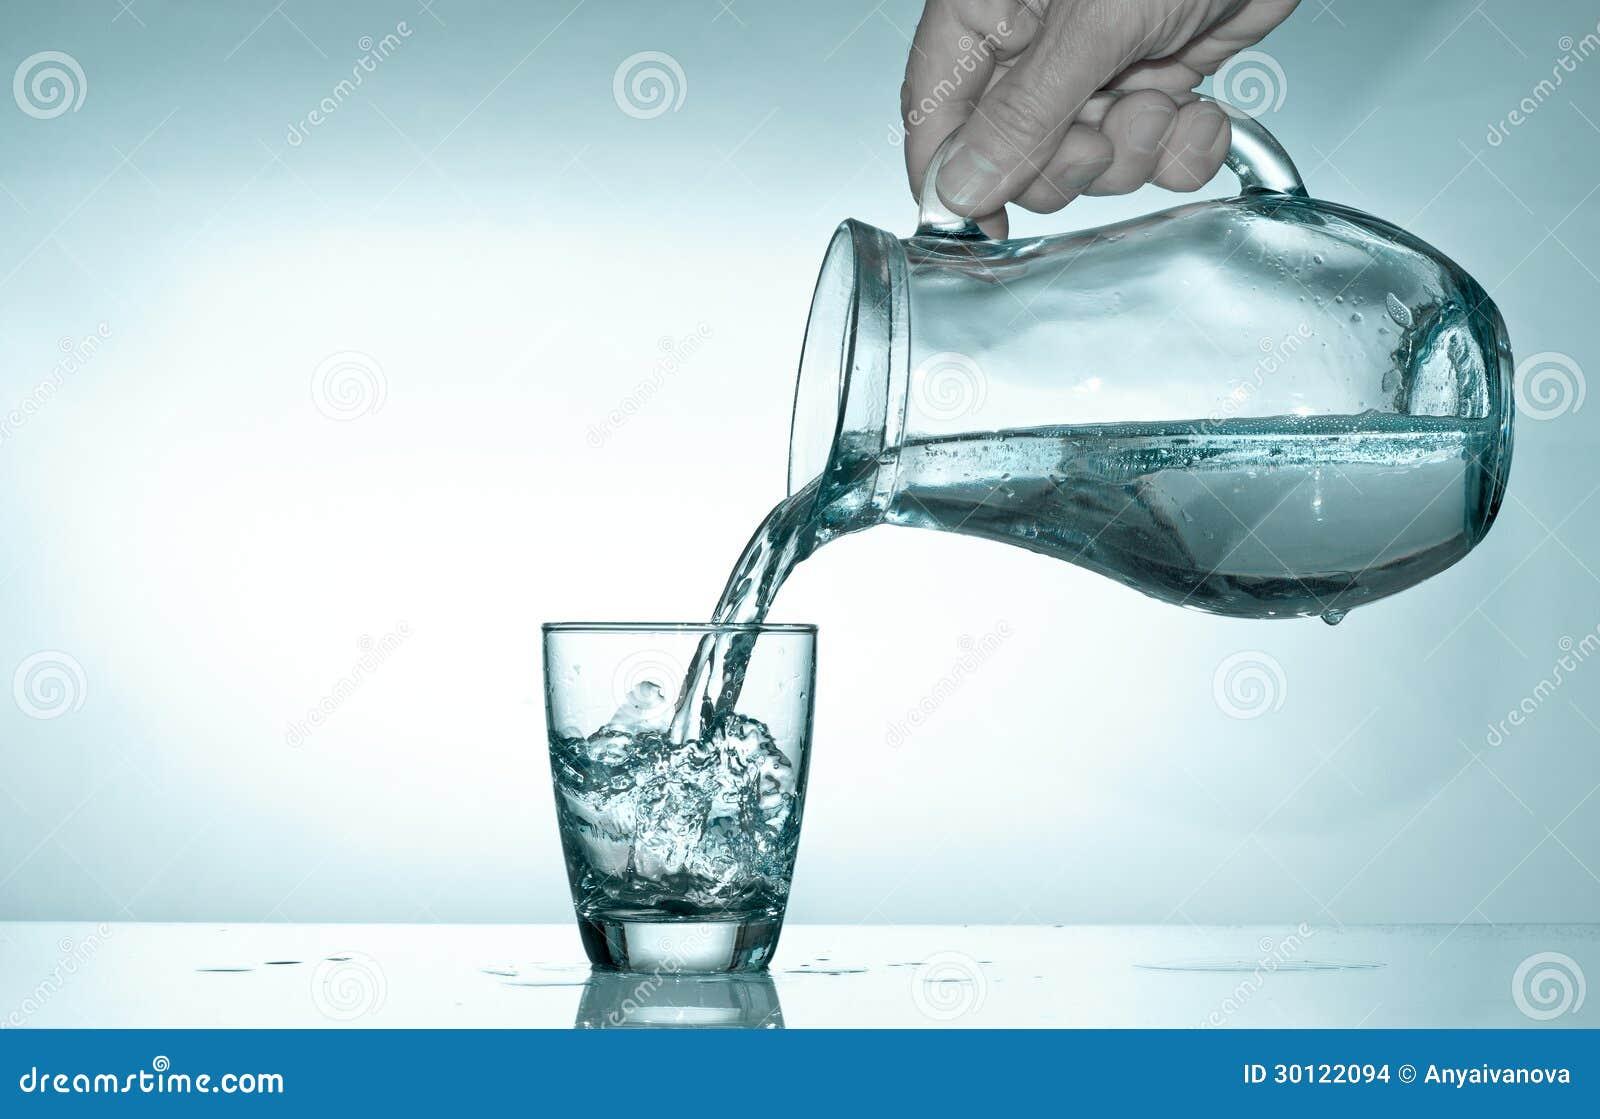 Remplir verre partir d 39 un broc avec de l 39 eau images stock image 30122094 - Un broc d eau ...